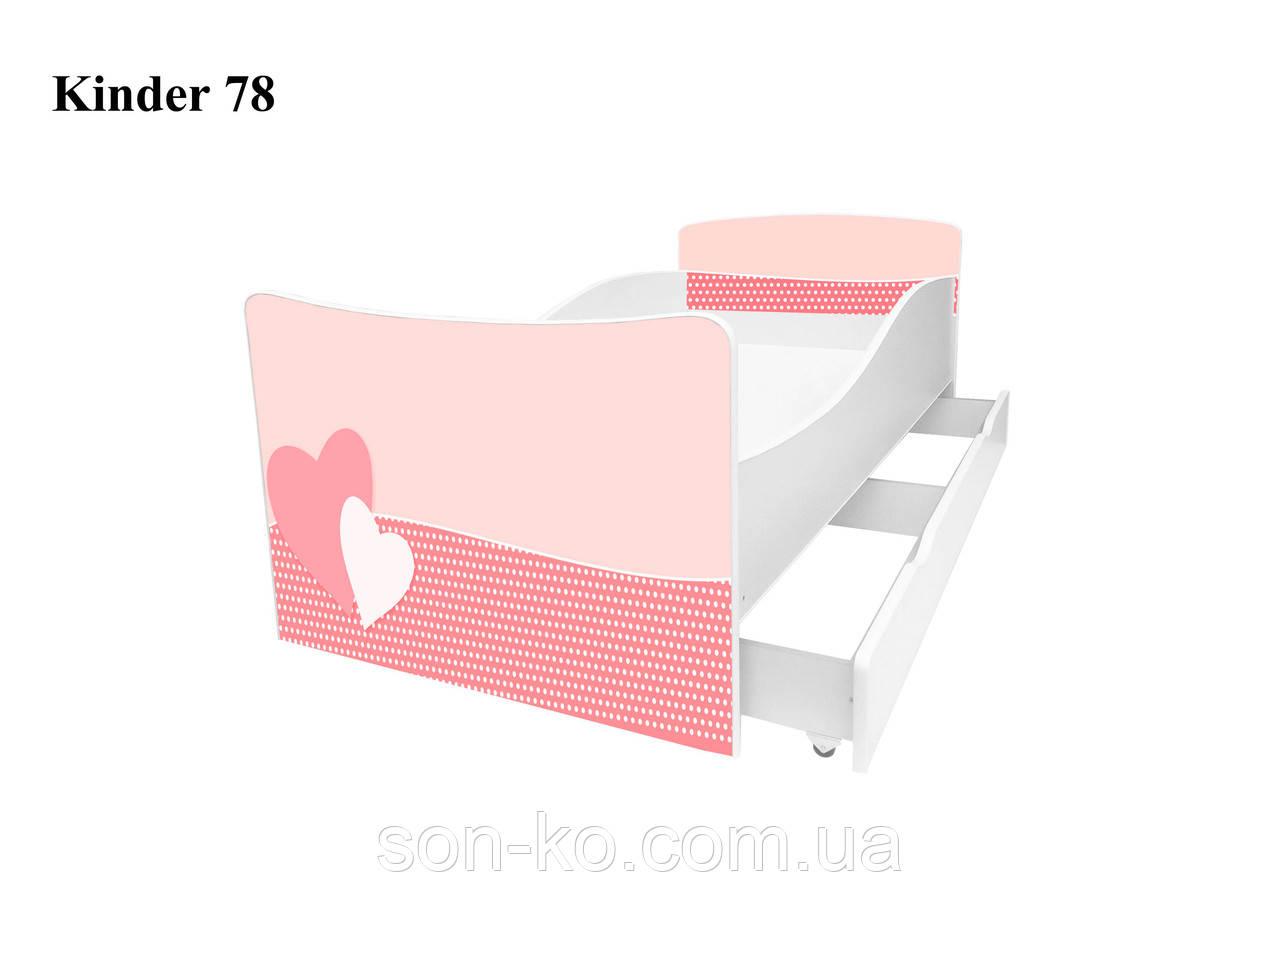 Кровать детская Киндер Сердечки. Бесплатная доставка